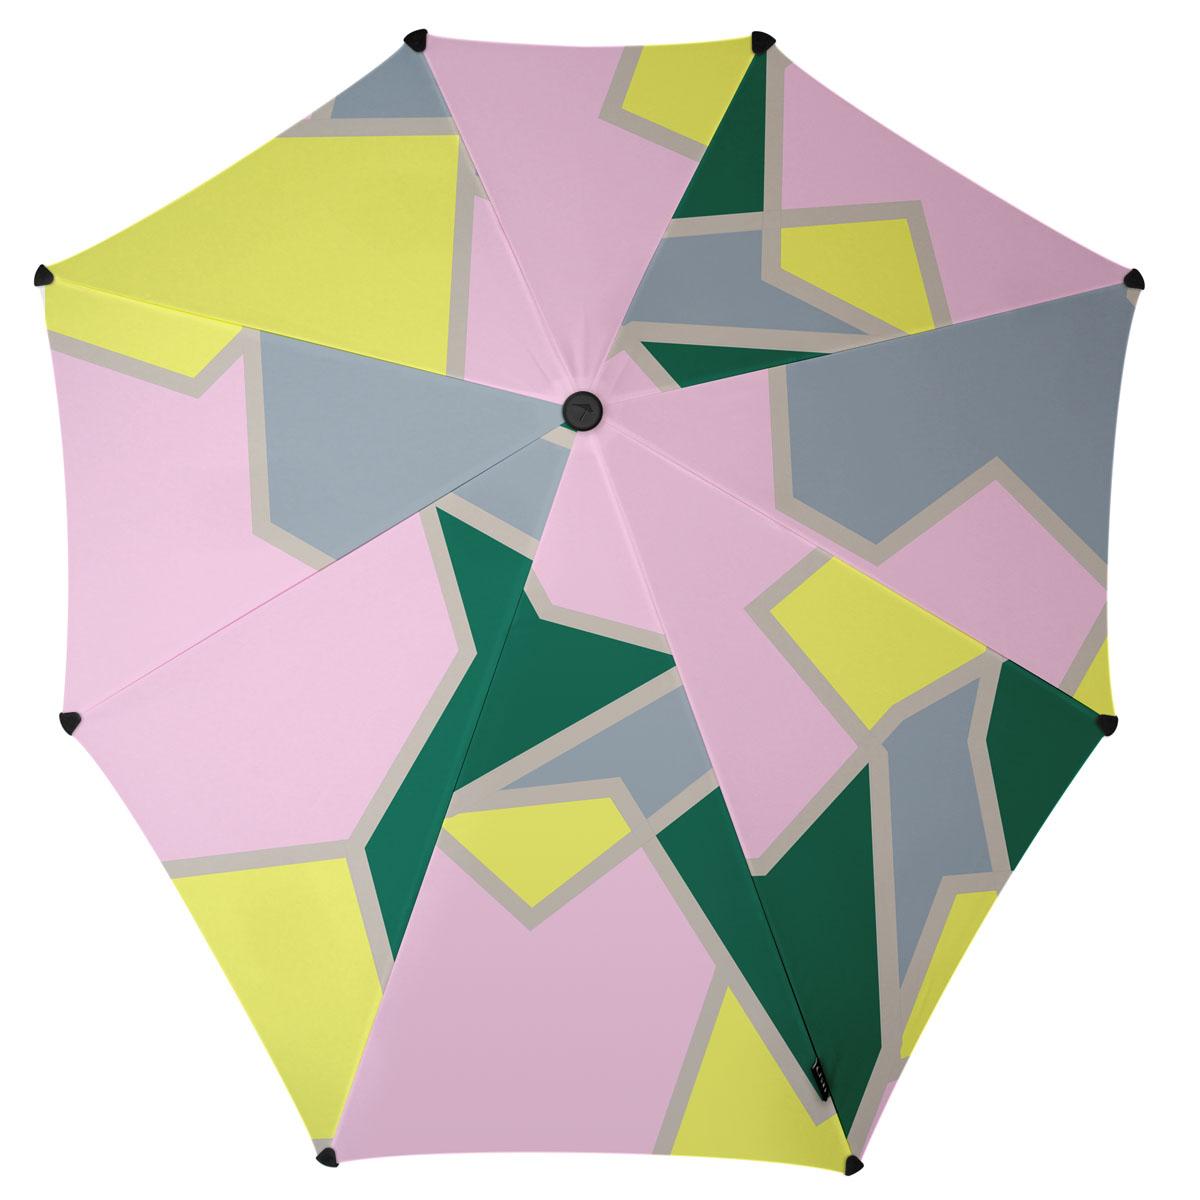 Зонт-трость Senz, цвет: серый, розовый, салатовый. 2011078YY-11678-3Инновационный противоштормовый зонт, выдерживающий любую непогоду. Входит в коллекцию global playground, разработанную в соответствии с современными течениями fashion-индустрии. Вдохновением для дизайнеров стали улицы городов по всему земному шару. На новых принтах вы встретите уникальный микс всего, что мы открываем для себя во время путешествий: разнообразие оттенков, цветов, теней, линий и форм. Зонт Senz отлично дополнит образ, подчеркнет индивидуальность и вкус своего обладателя.Форма купола продумана так, что вы легко найдете самое удобное положение на ветру – без паники и без борьбы со стихией. Закрывает спину от дождя. Благодаря своей усовершенствованной конструкции, зонт не выворачивается наизнанку даже при сильном ветре. Модель Senz Original выдержала испытания в аэротрубе со скоростью ветра 100 км/ч. Характеристики:- тип — трость- выдерживает порывы ветра до 100 км/ч- УФ-защита 50+- удобная мягкая ручка- безопасные колпачки на кончиках спицах- в комплекте прочный чехол из плотной ткани с лямкой на плечо - гарантия 2 года